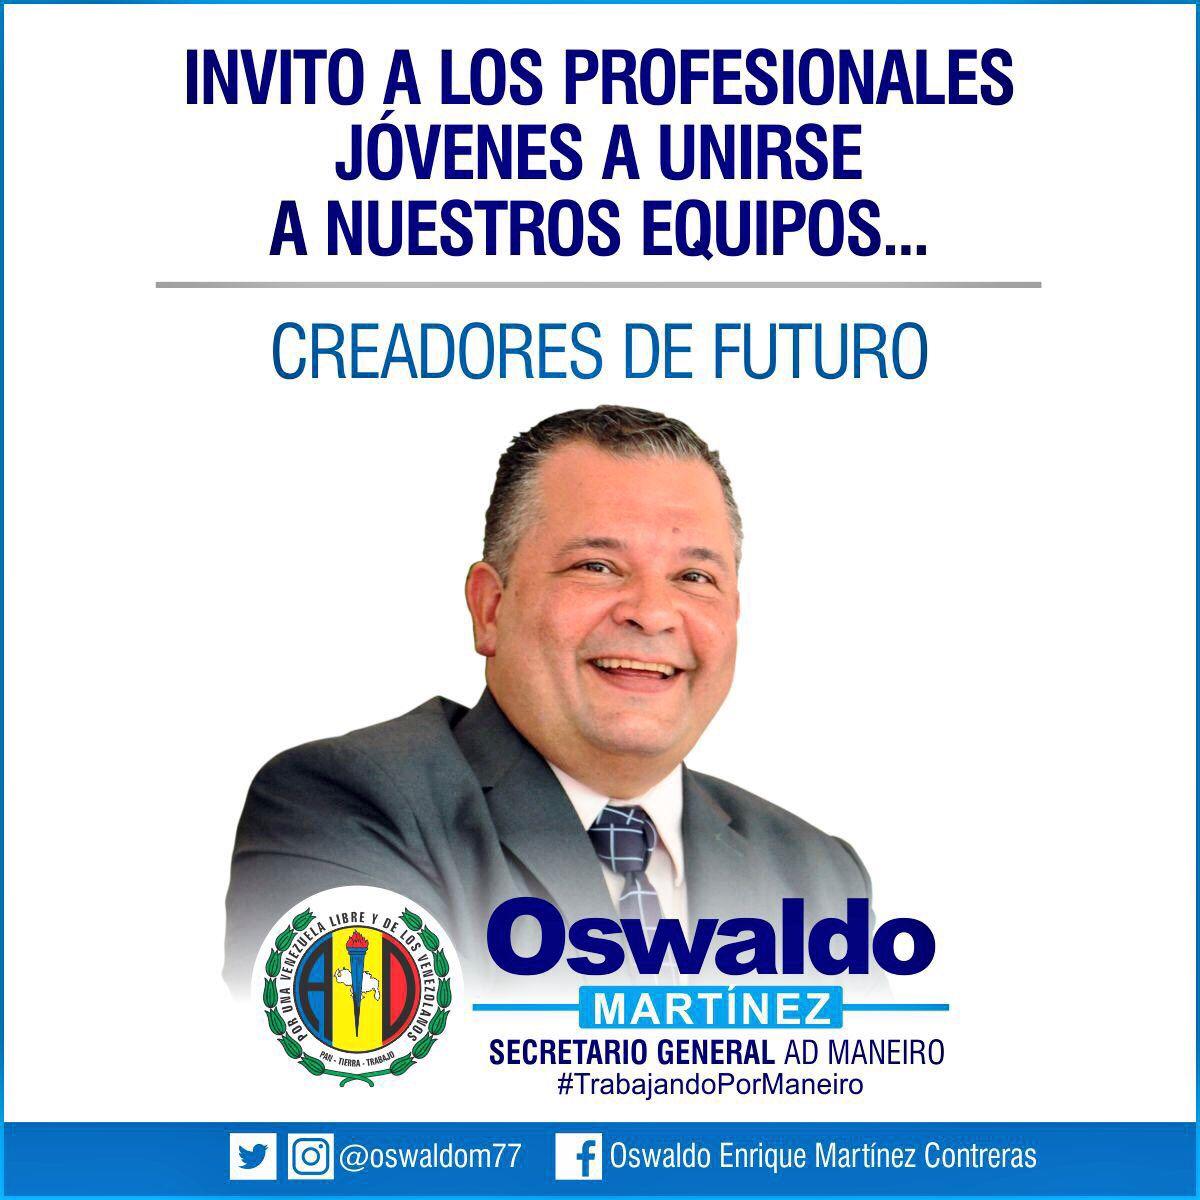 Actívate, organízate, en tu sector, con tu comunidad, junto a tu familia, vecinos y amigos, luchemos JUNTOS por una Venezuela llena de oportunidades para todos !!!  Consolidemos el 20 % para el REVOCATORIO !!!